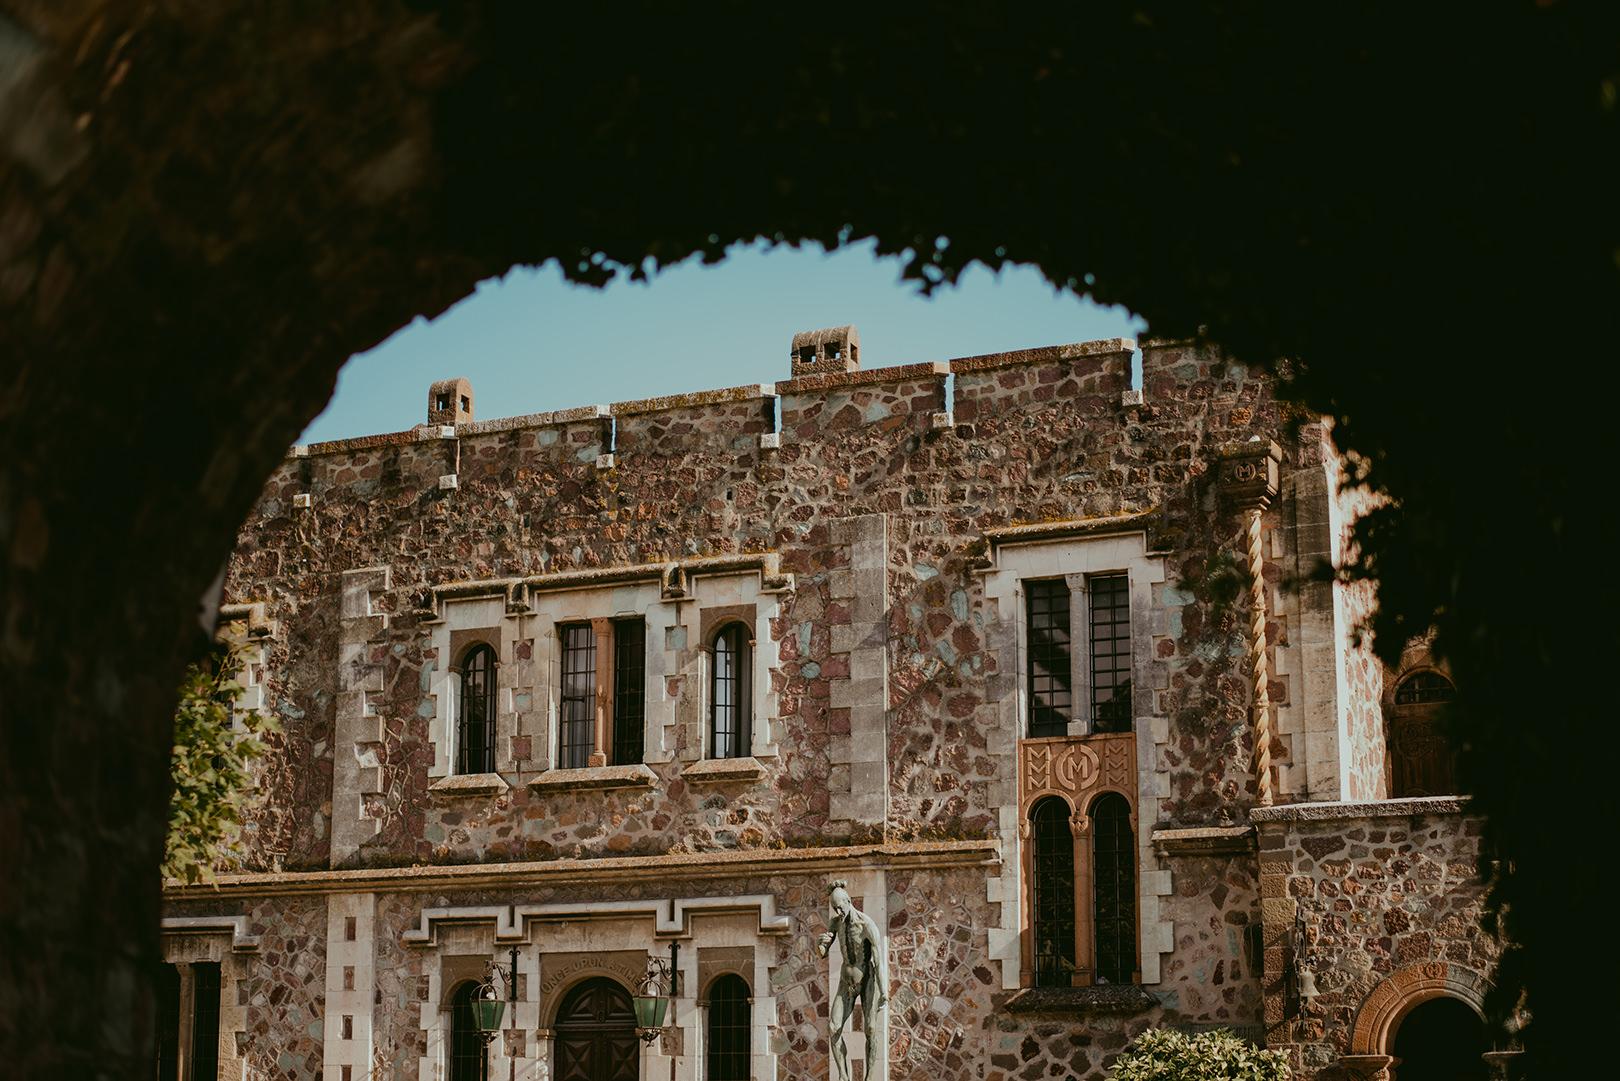 Chateau de la Napoule courtyard